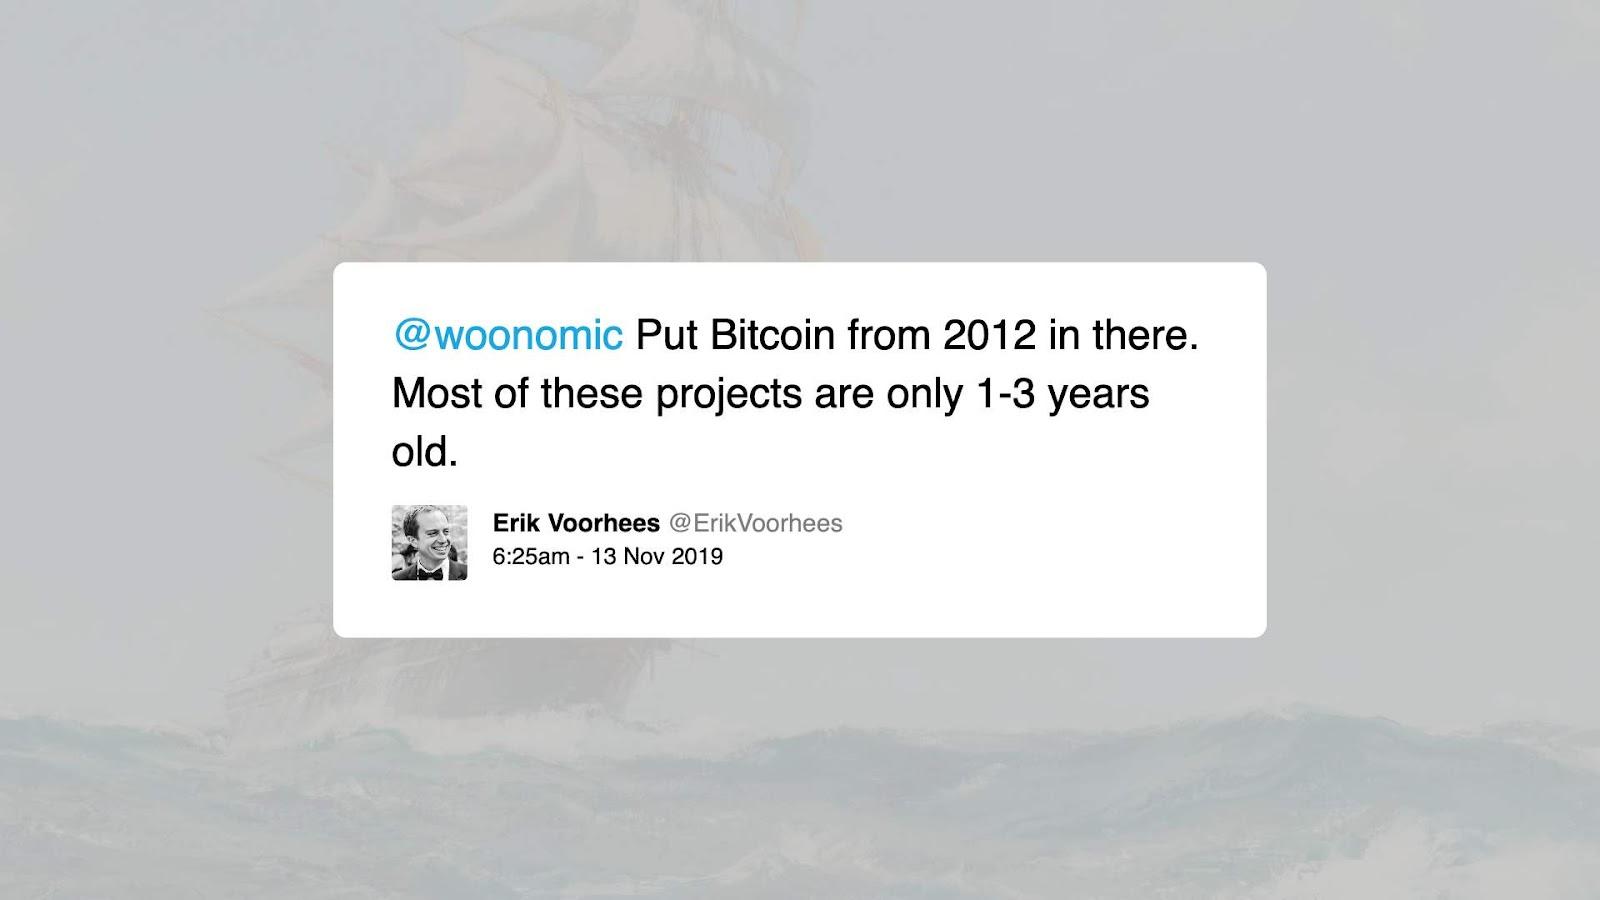 Erik Voorhees Tweet